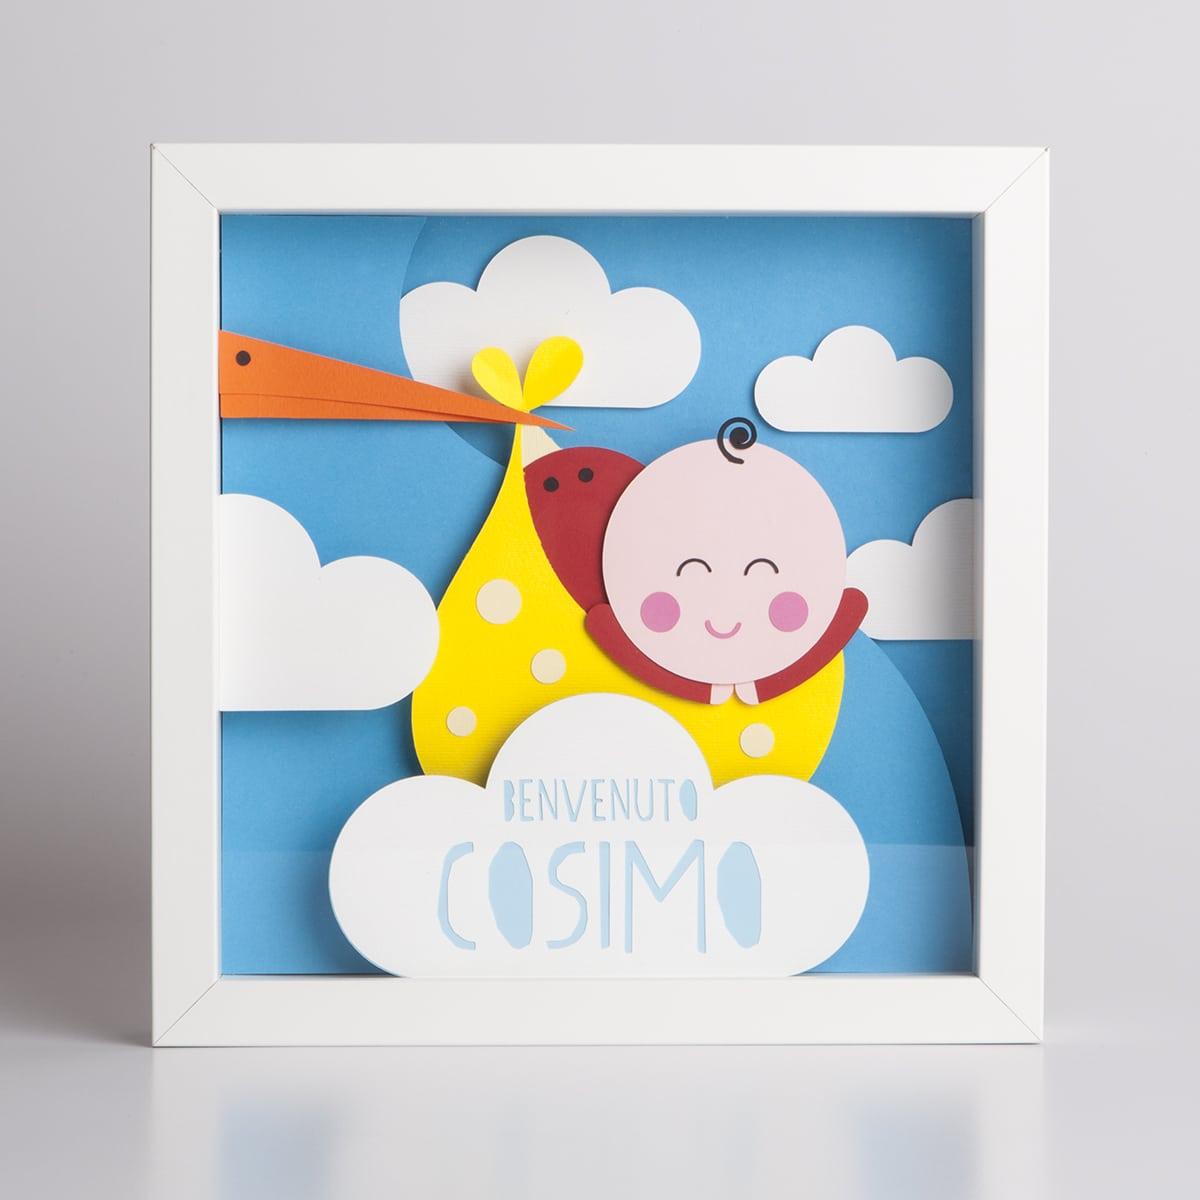 quadretto-personalizzato-benvenuto-regalo-nascita-6